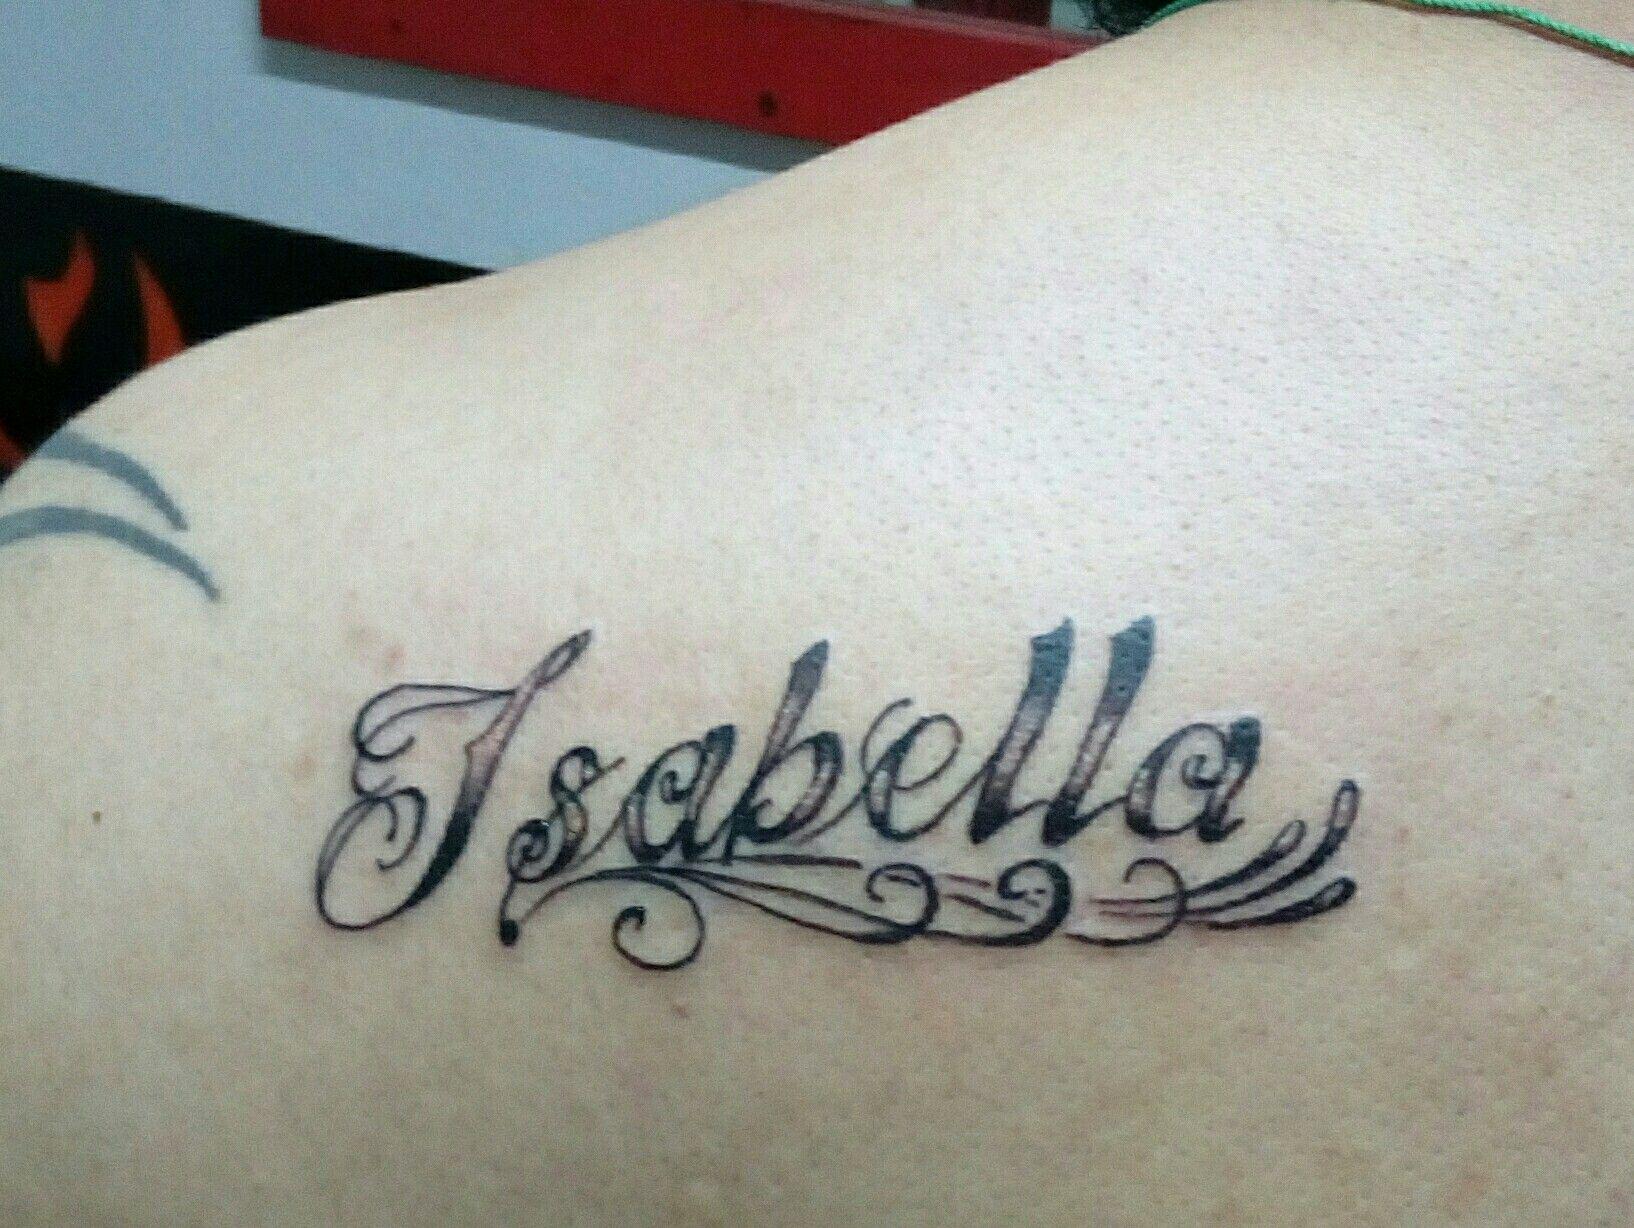 Tattoo Name Isabella Tatuajes De Nombres Disenos De Tatuaje De Nombres Tatuajes De Corazon Con Nombre